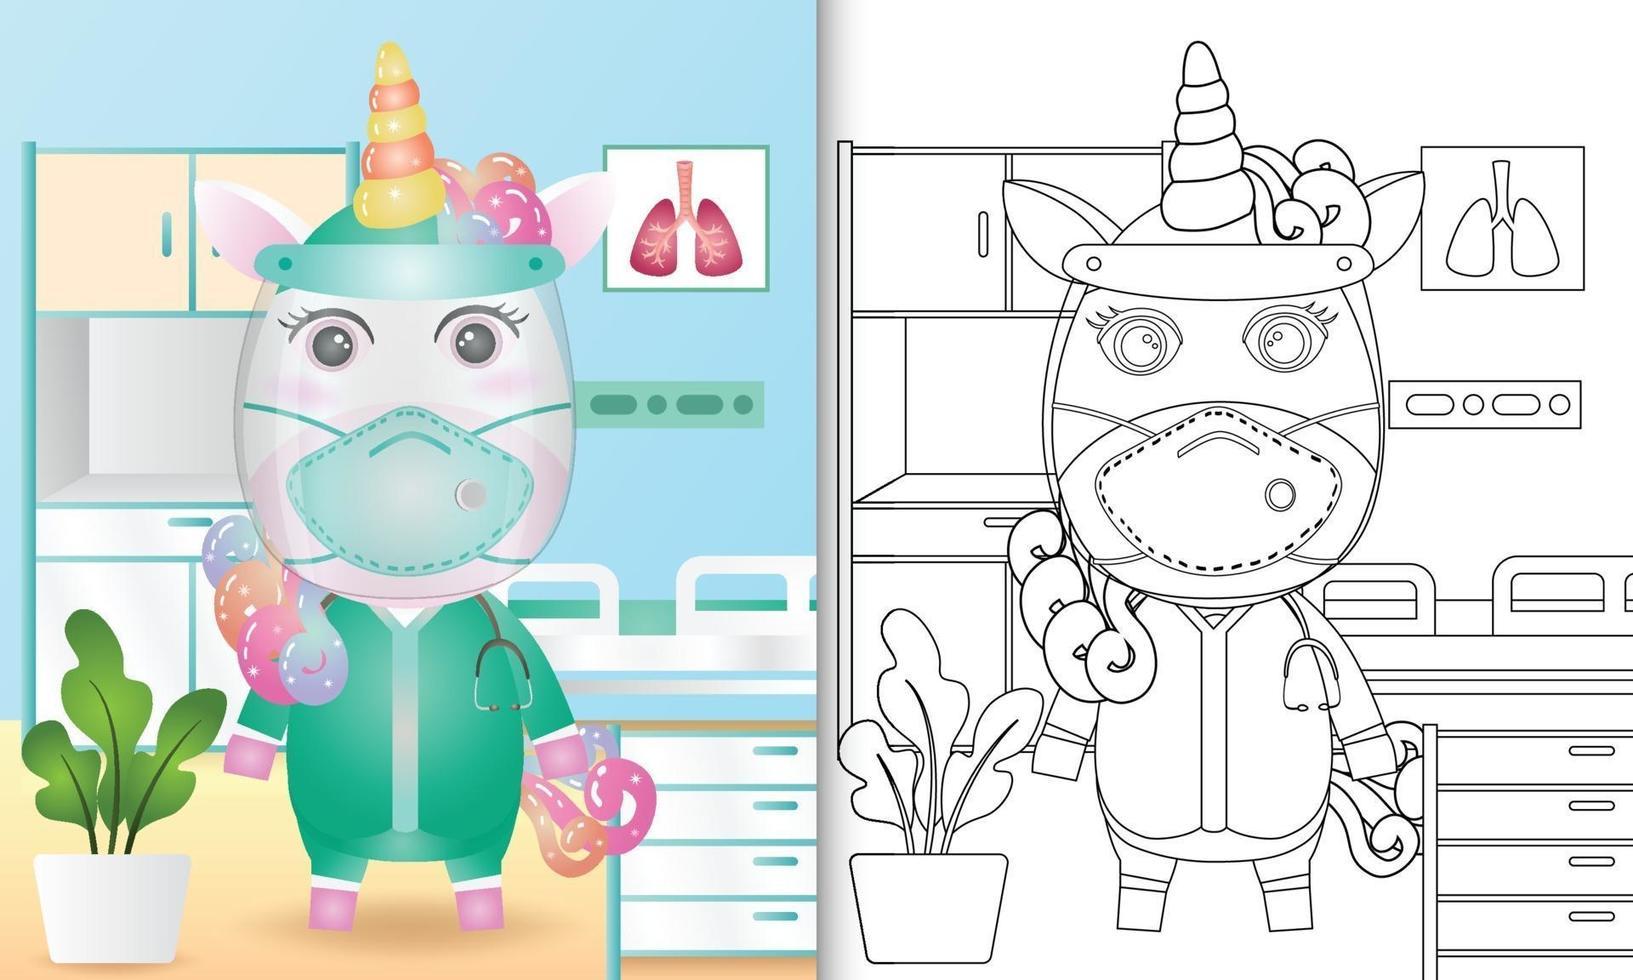 Malbuch für Kinder mit einer niedlichen Einhorn-Charakterillustration vektor